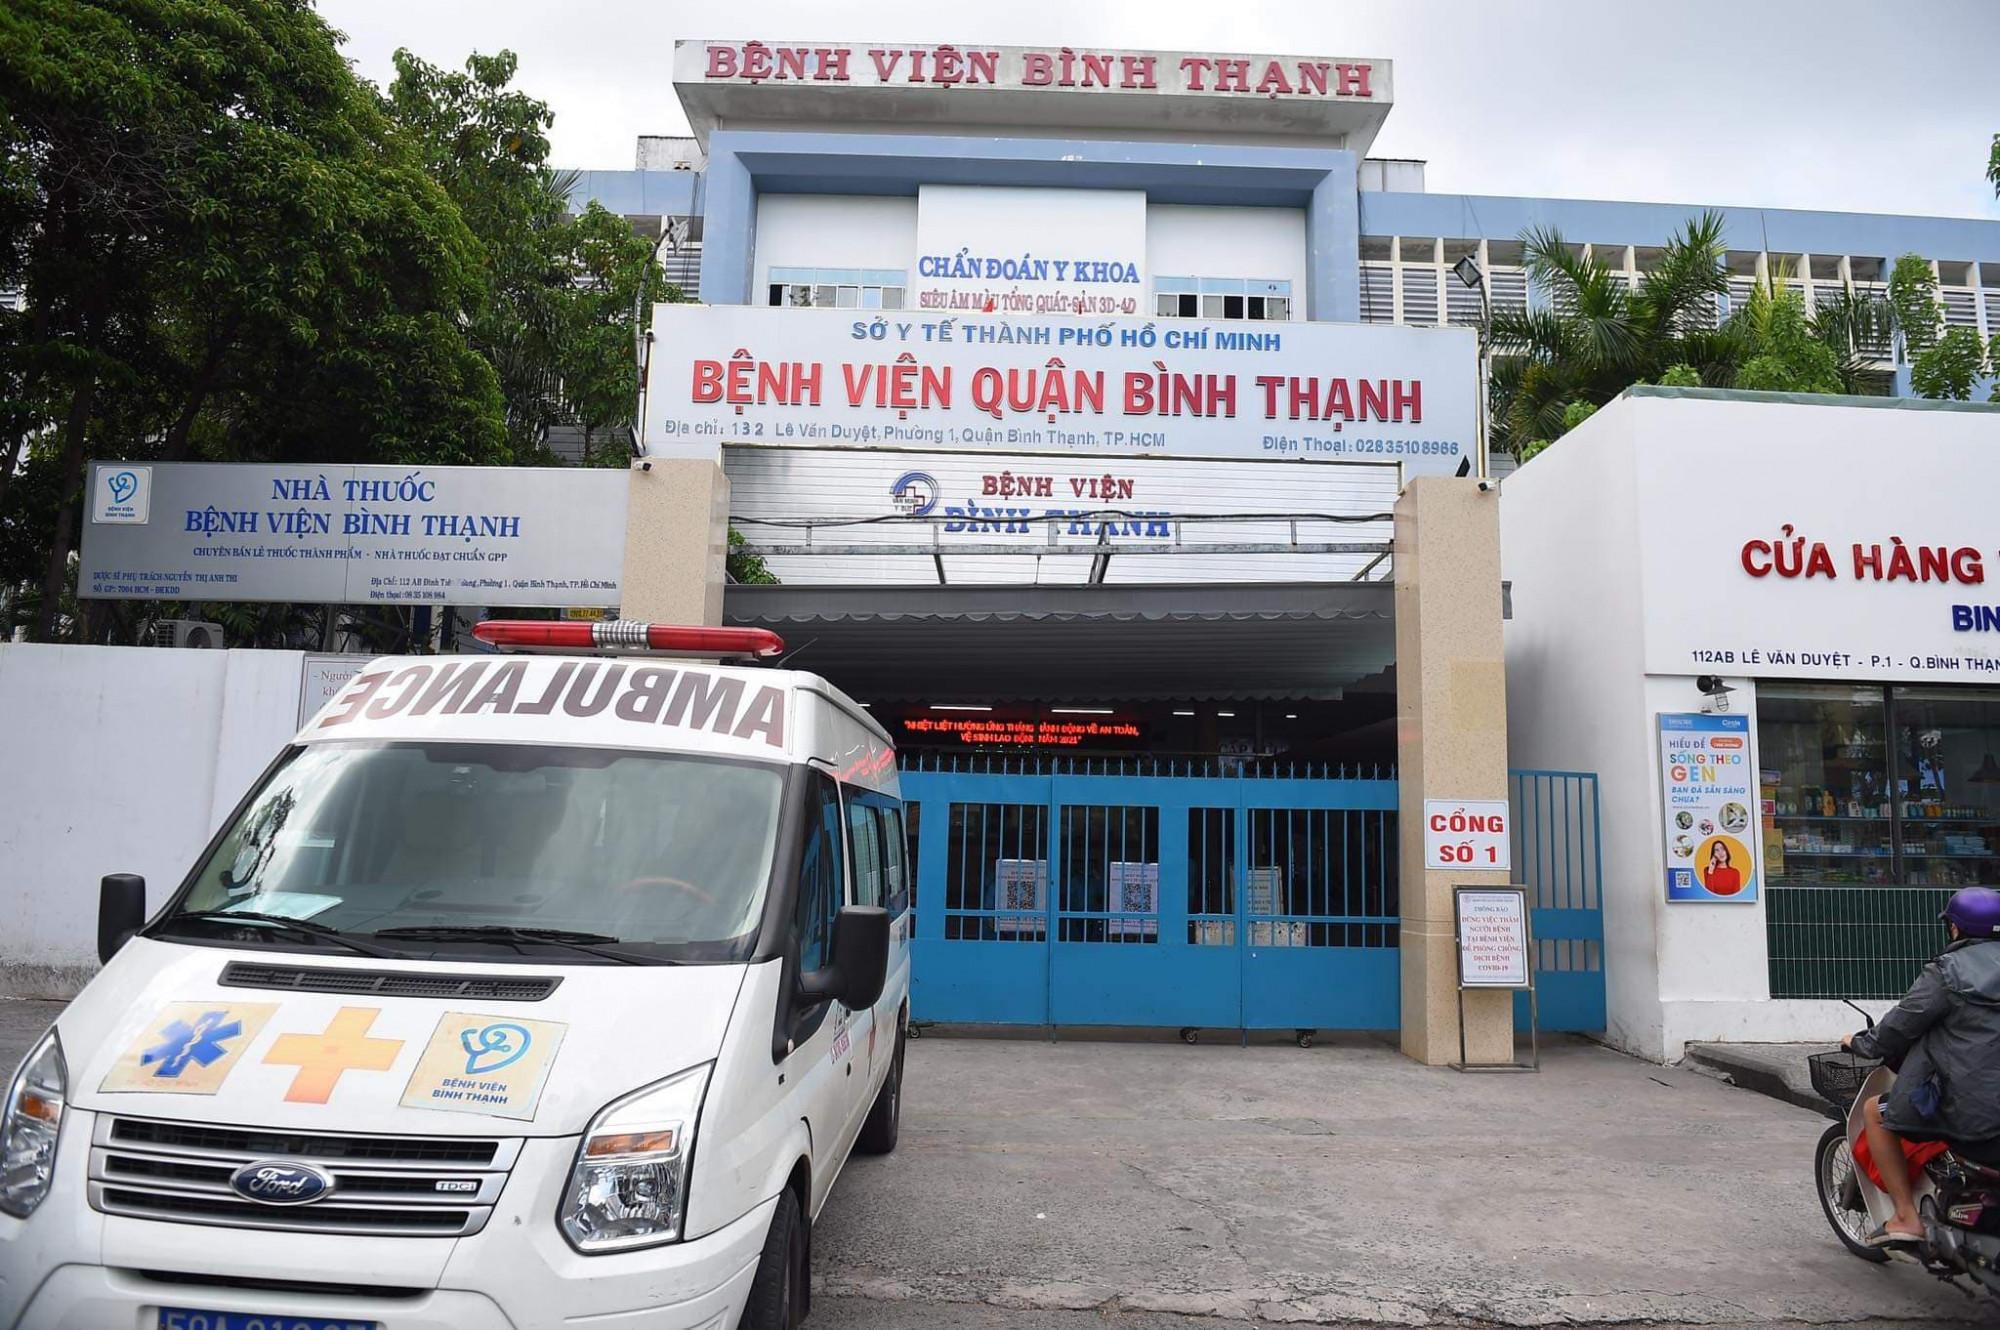 Bệnh viện quận Bình Thạnh đang tạm phong tỏa, đóng cửa để điều tra dịch tễ.